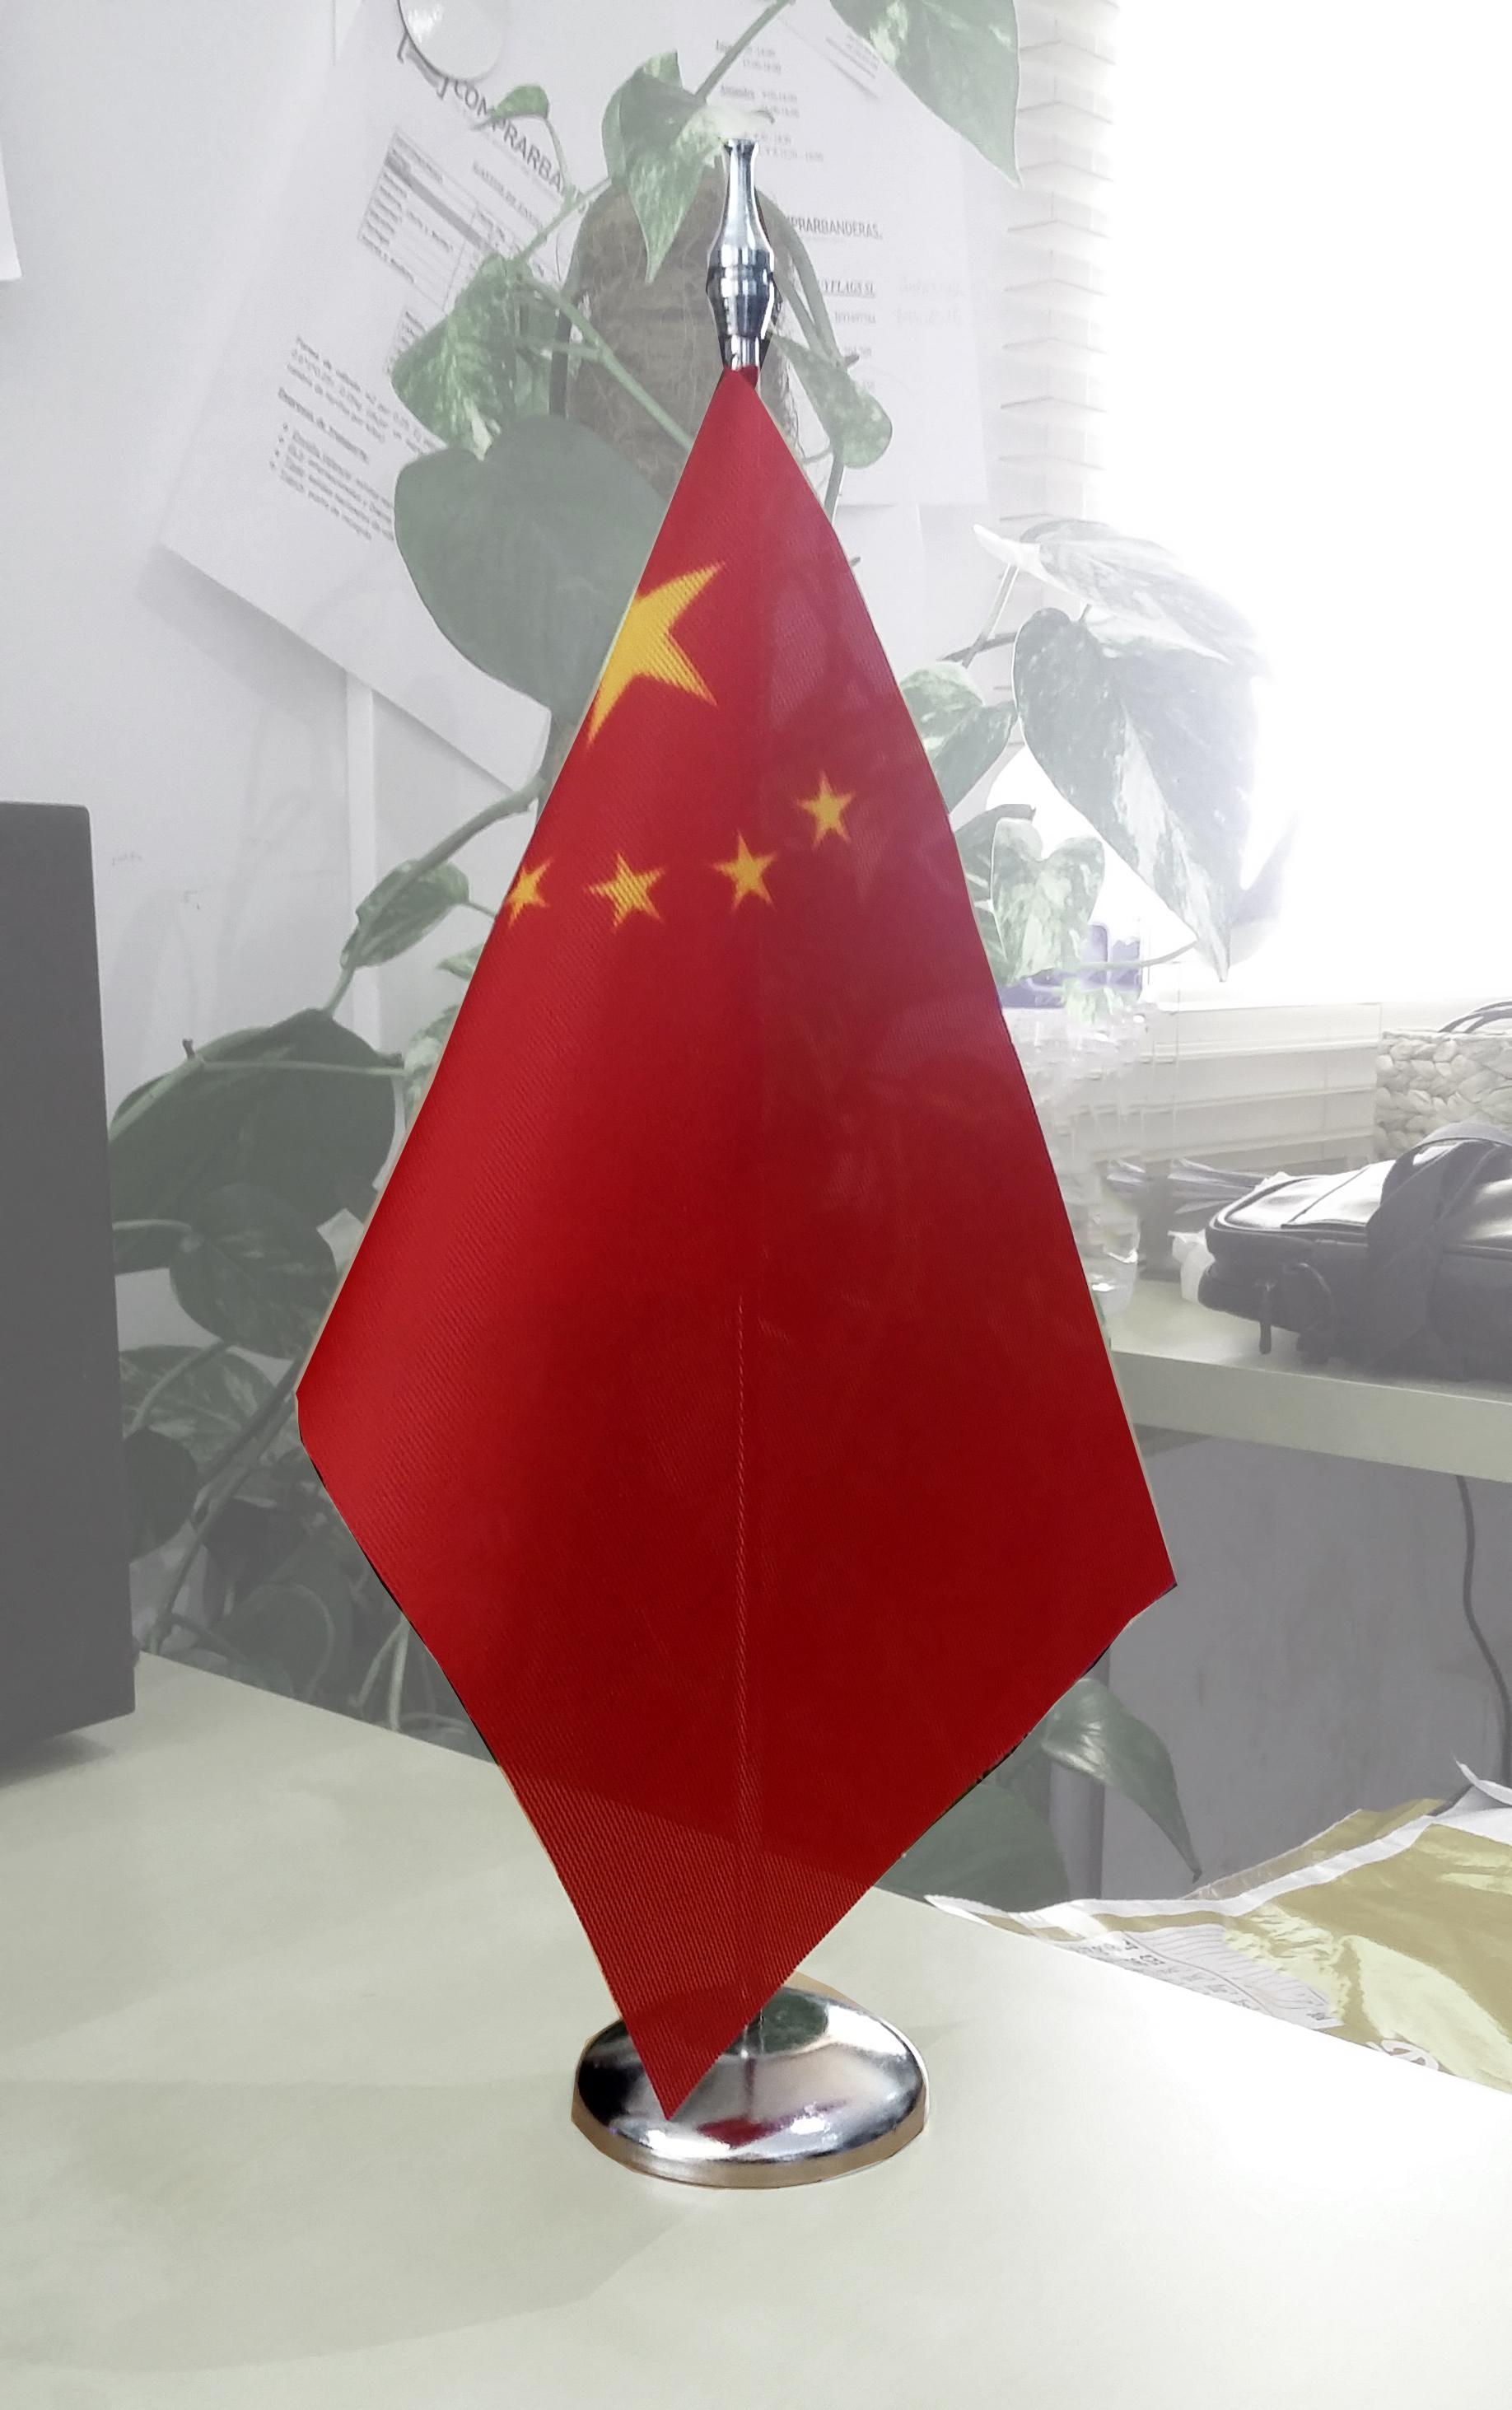 Drapeau De Chine acheter drapeau de la chine - acheterdrapeaux